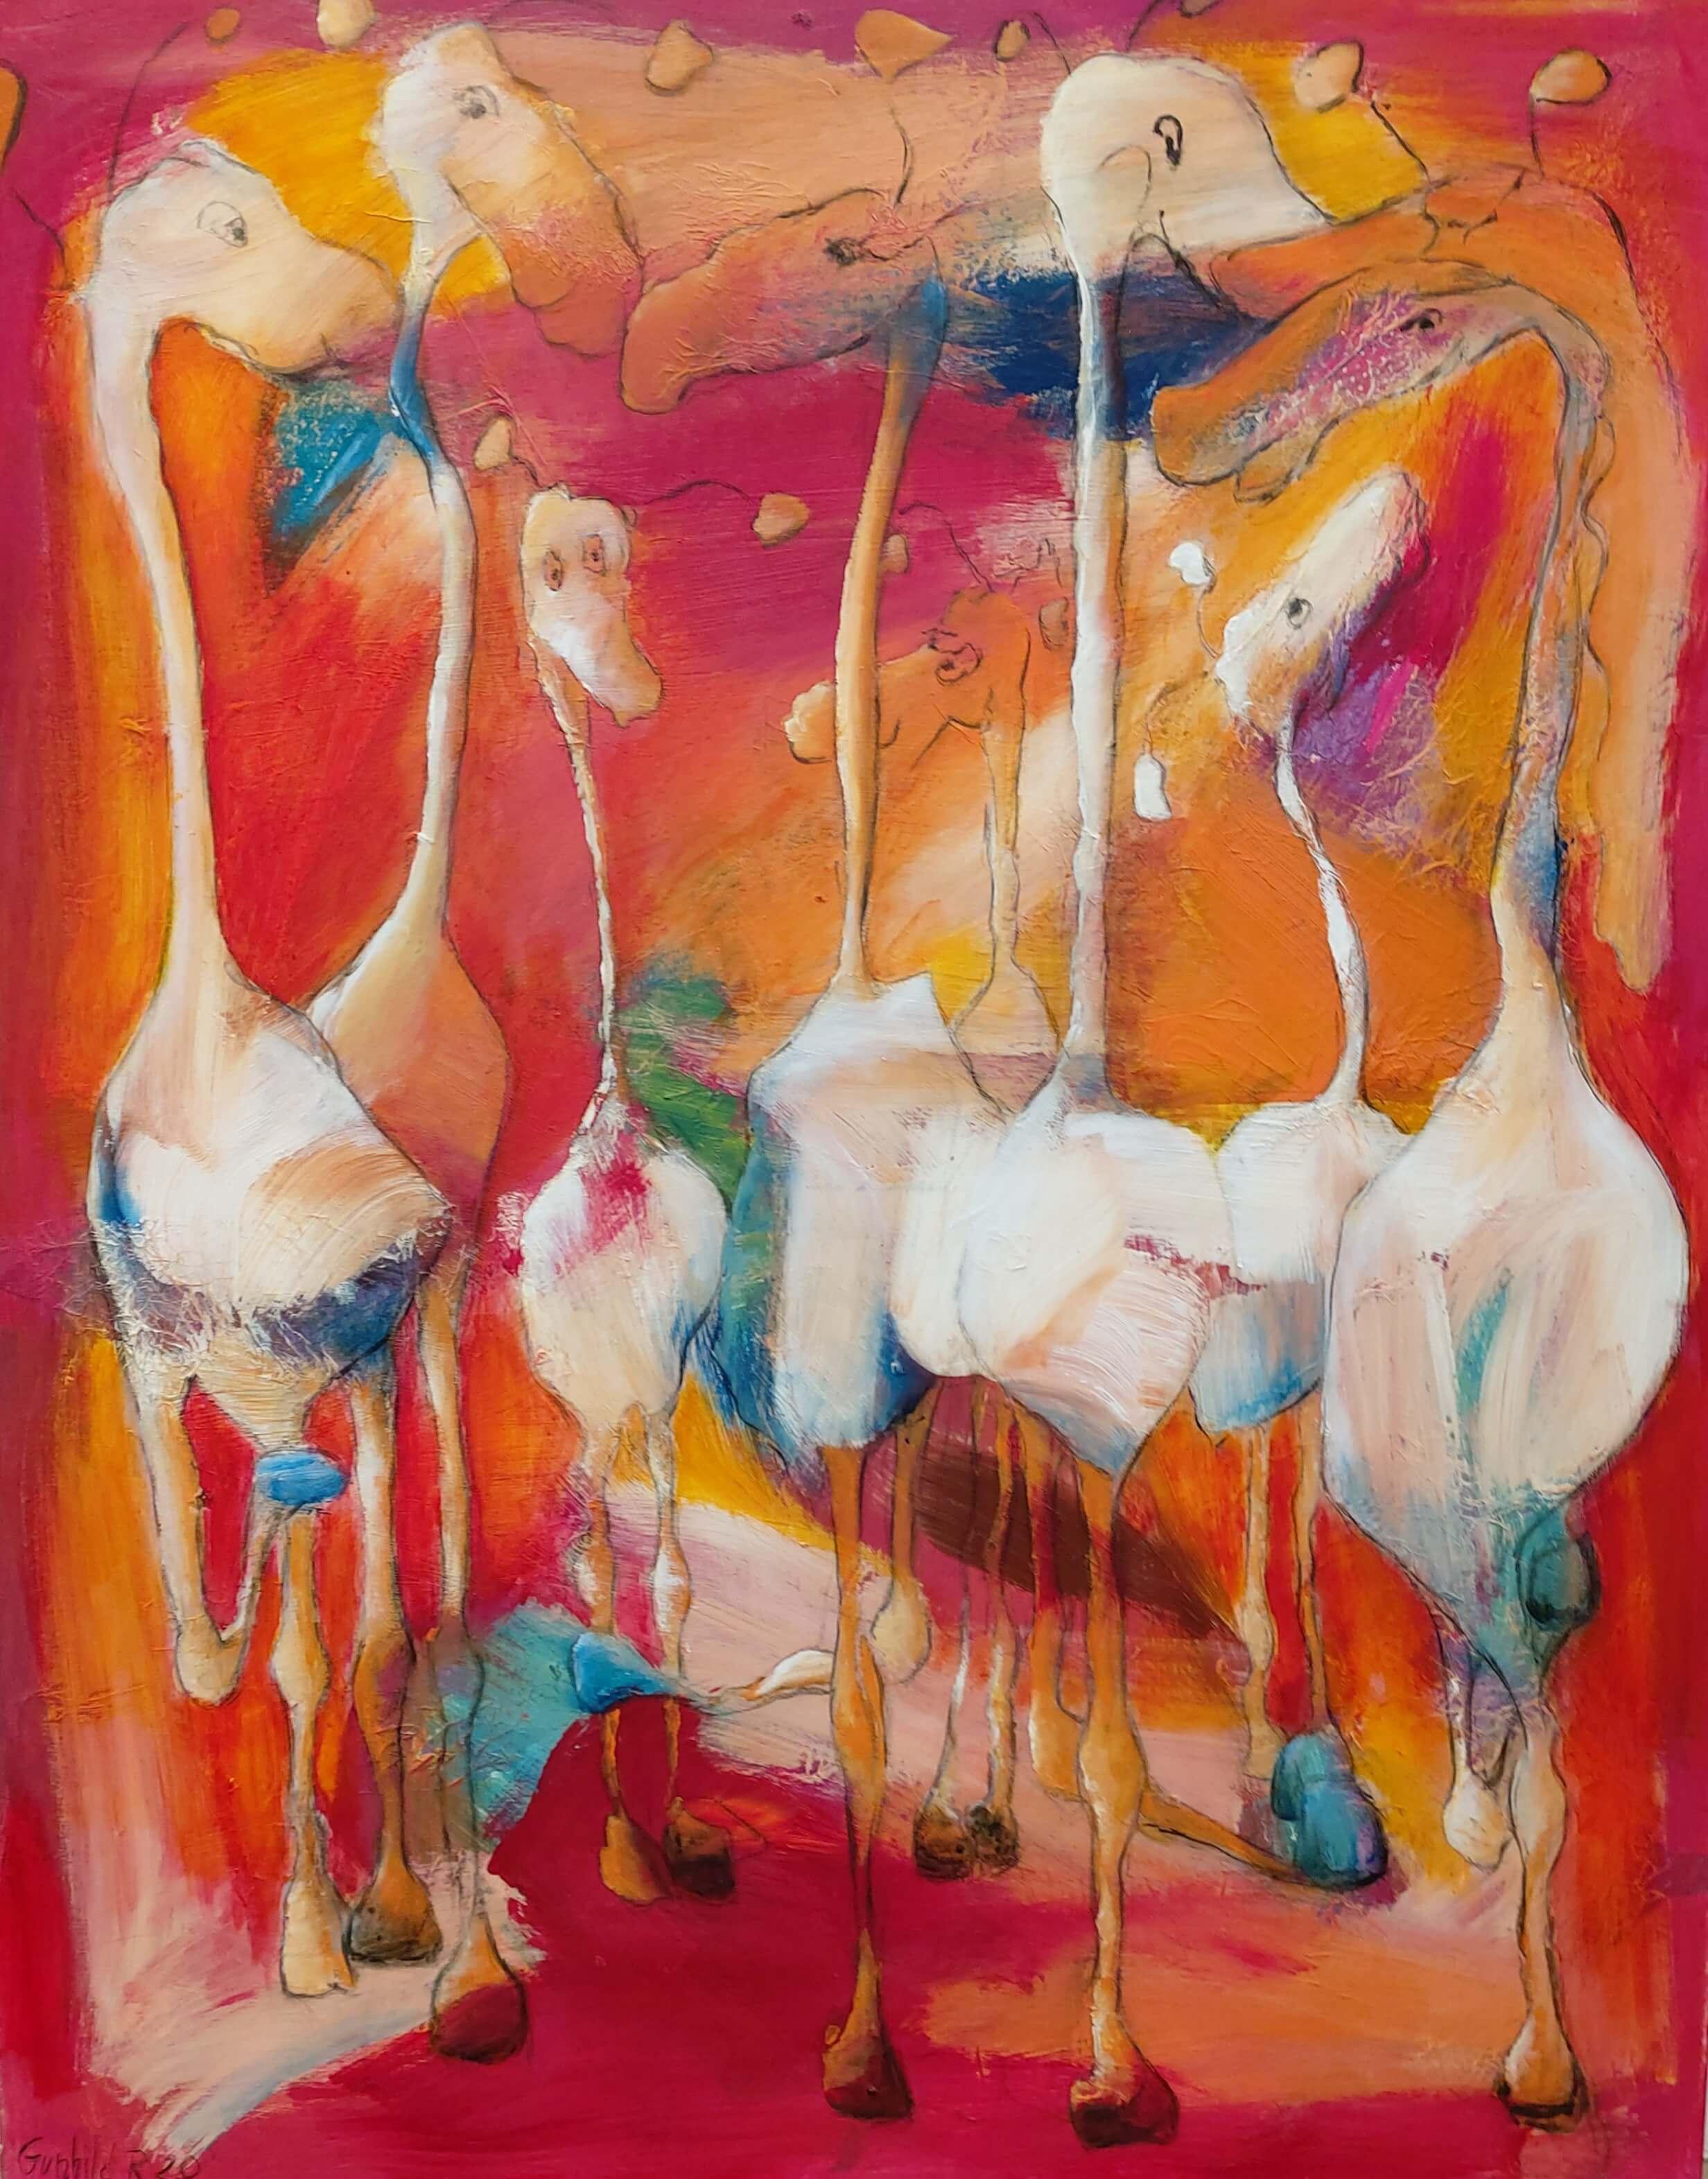 Finurlige og farverige figurer og dyr , maleri af Gunhild Rasmussen